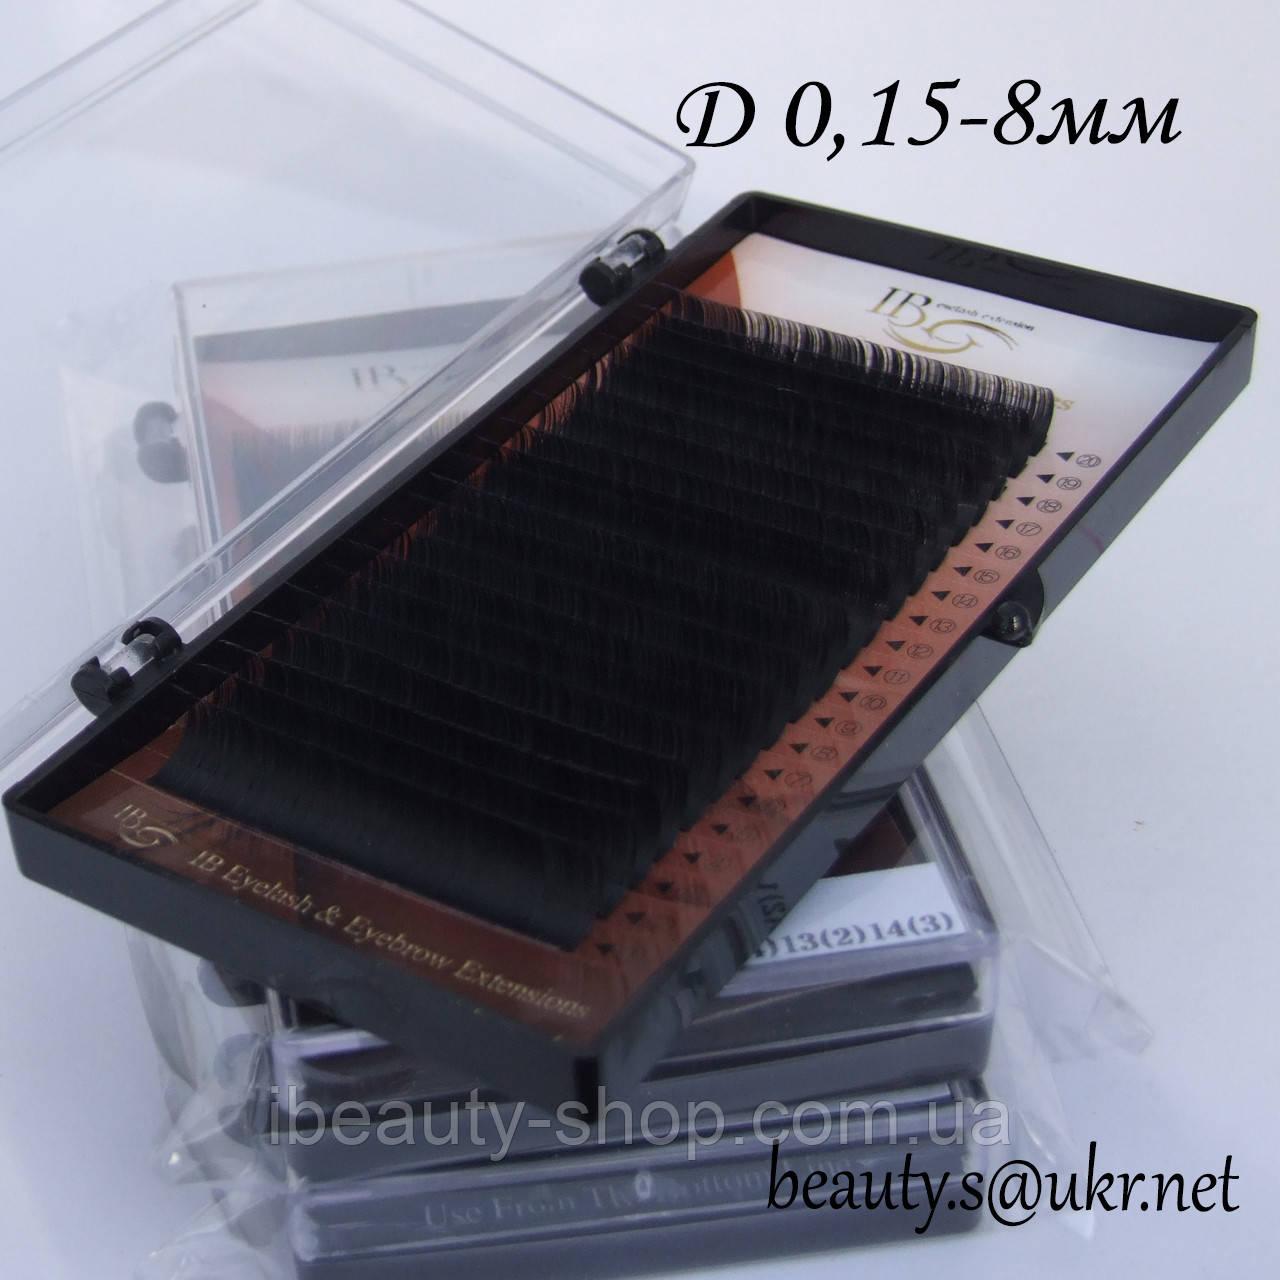 Вії I-Beauty на стрічці D-0,15 8мм